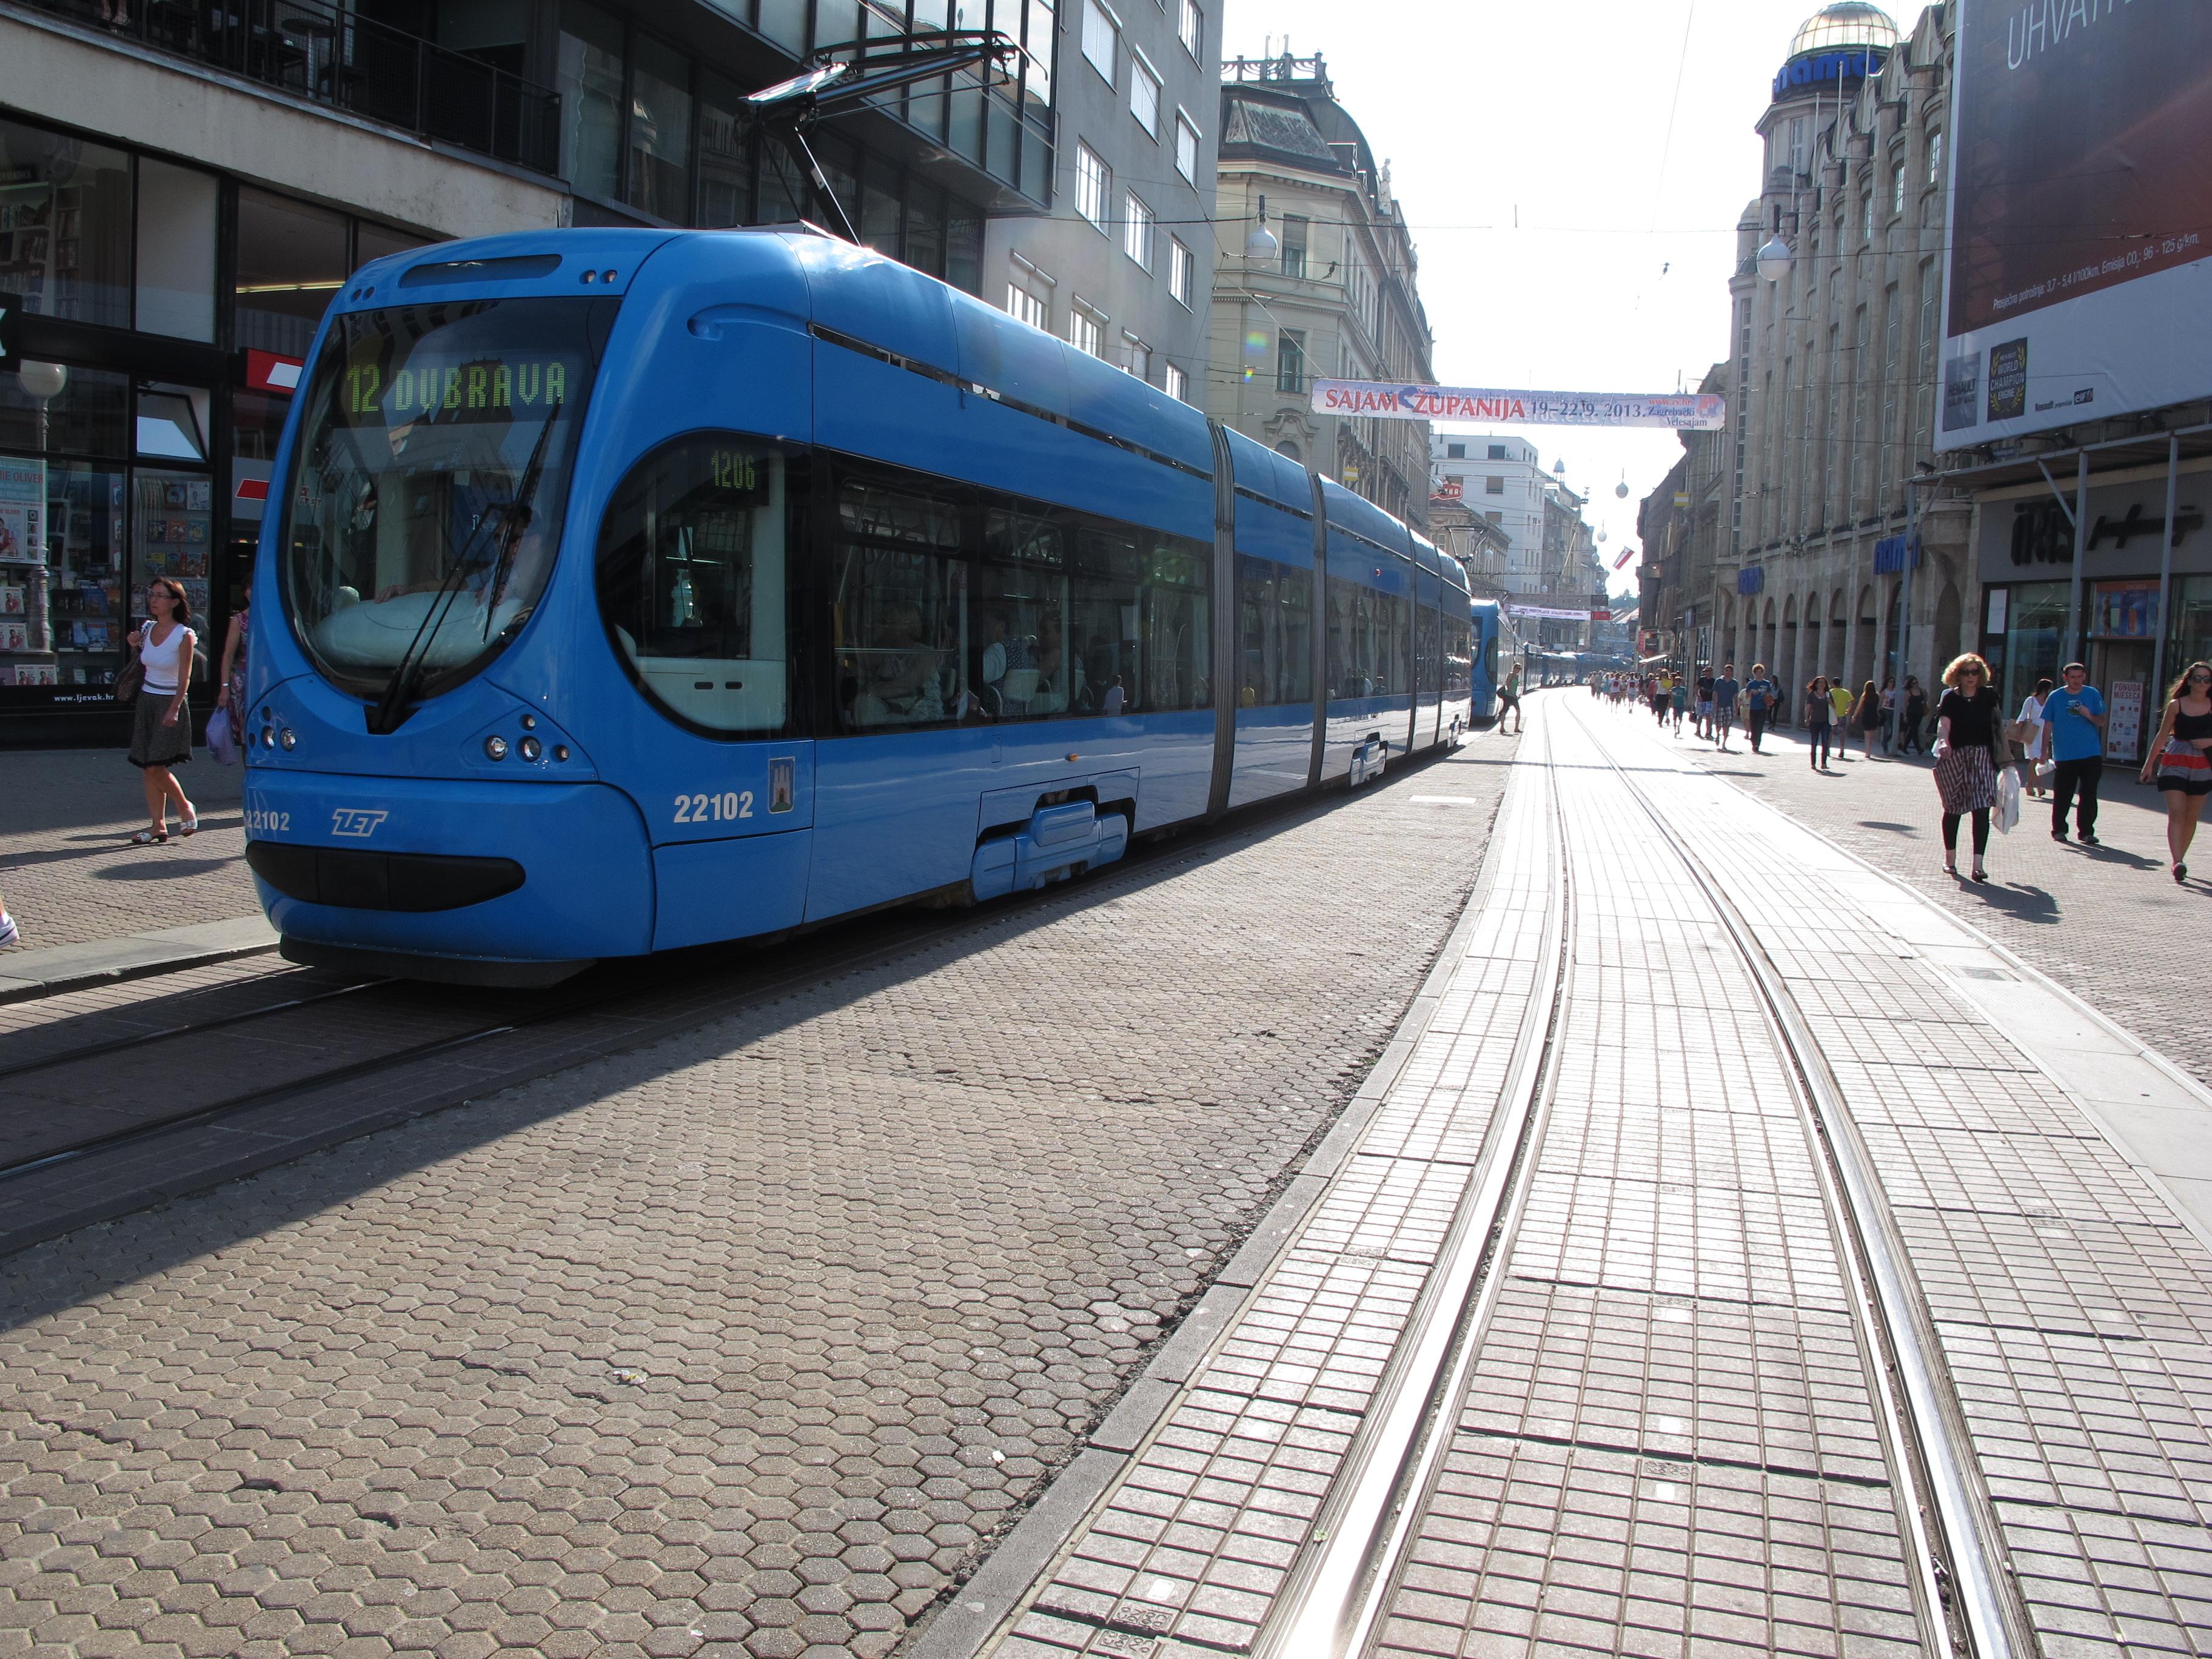 File Crotram Zagreb Jpg Wikipedia